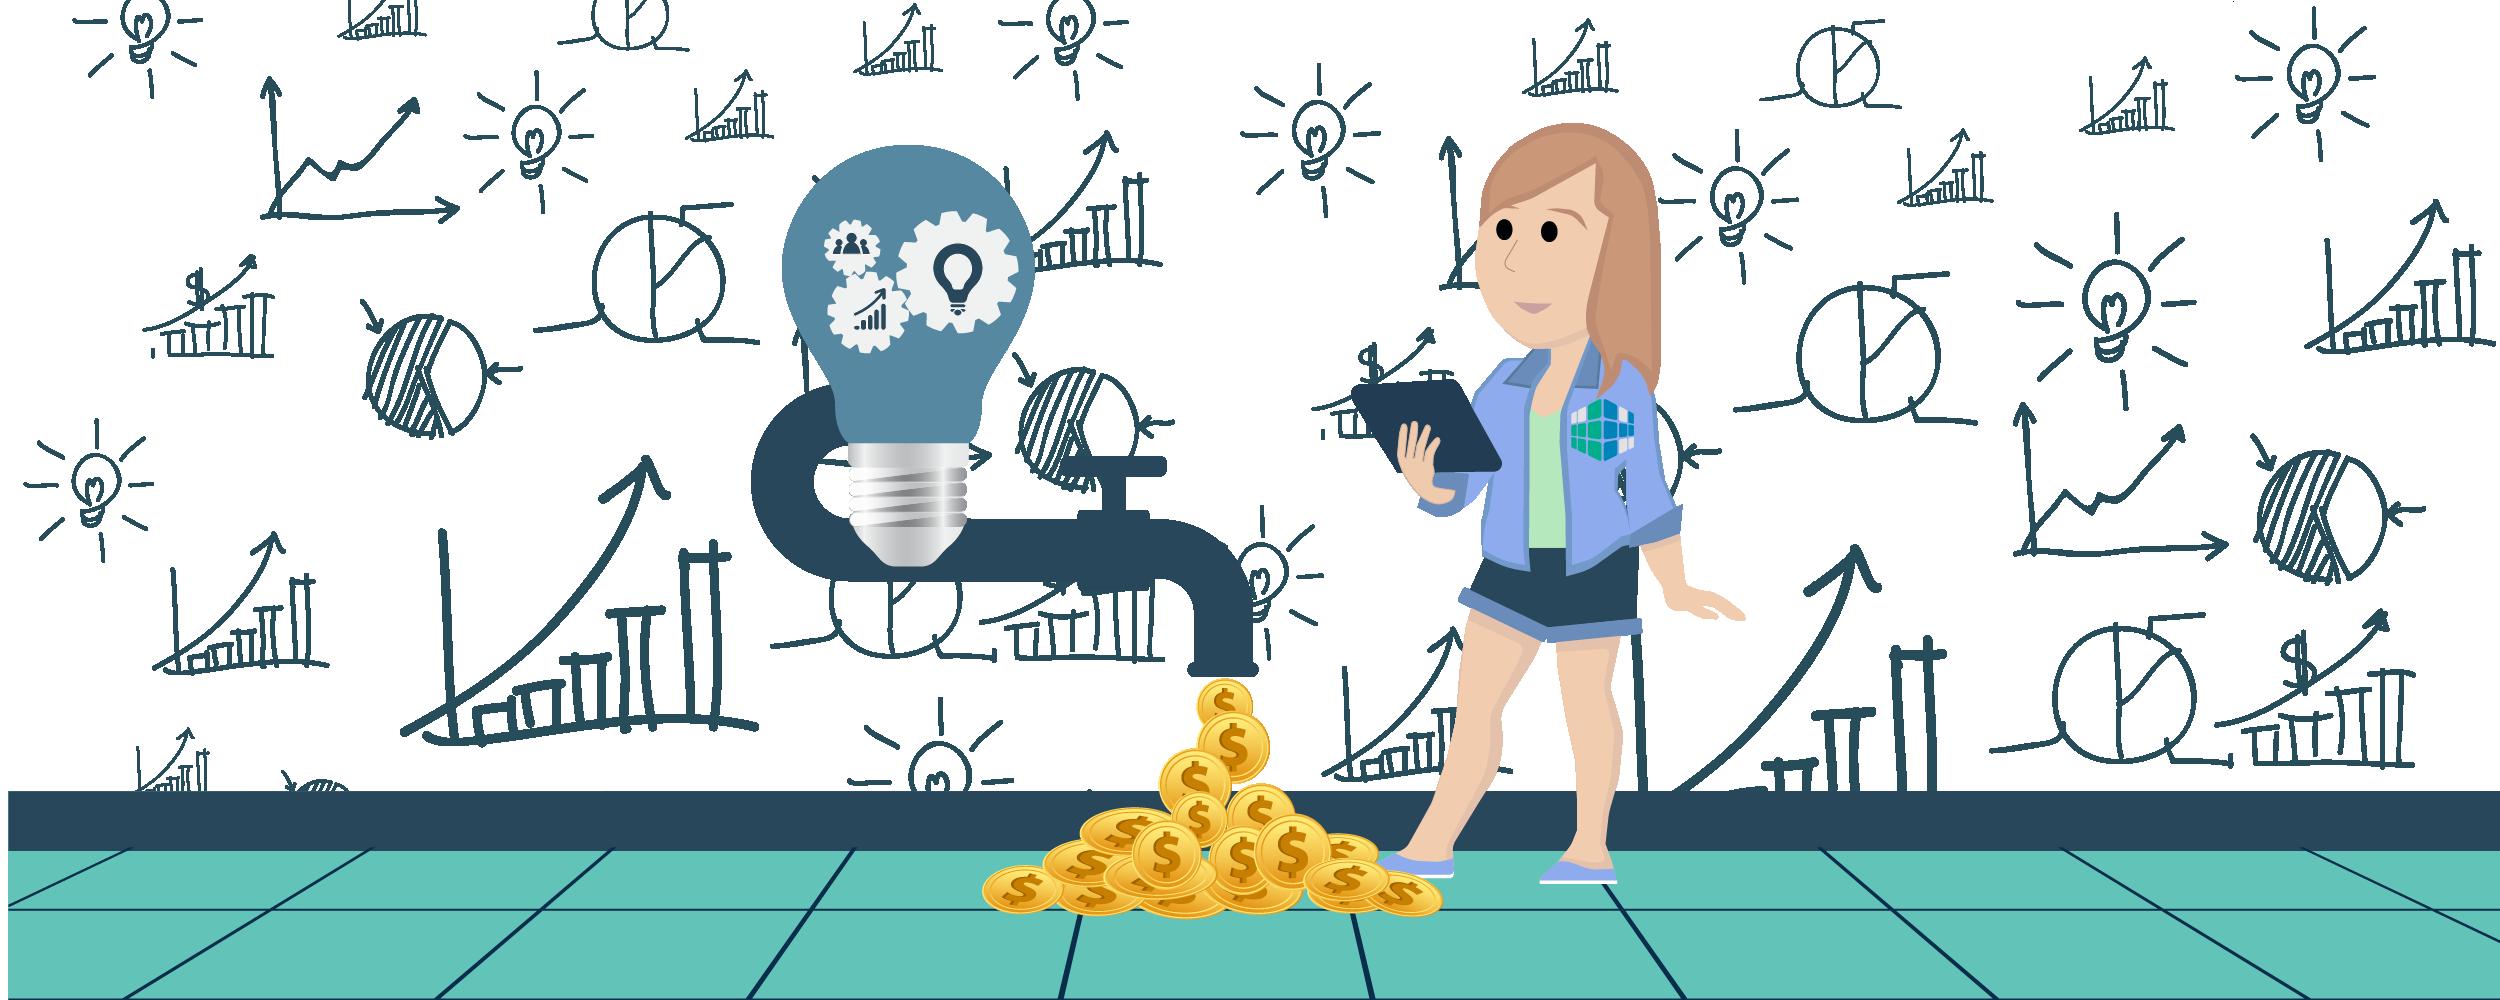 Финансовая грамотность — википедия. что такое финансовая грамотность